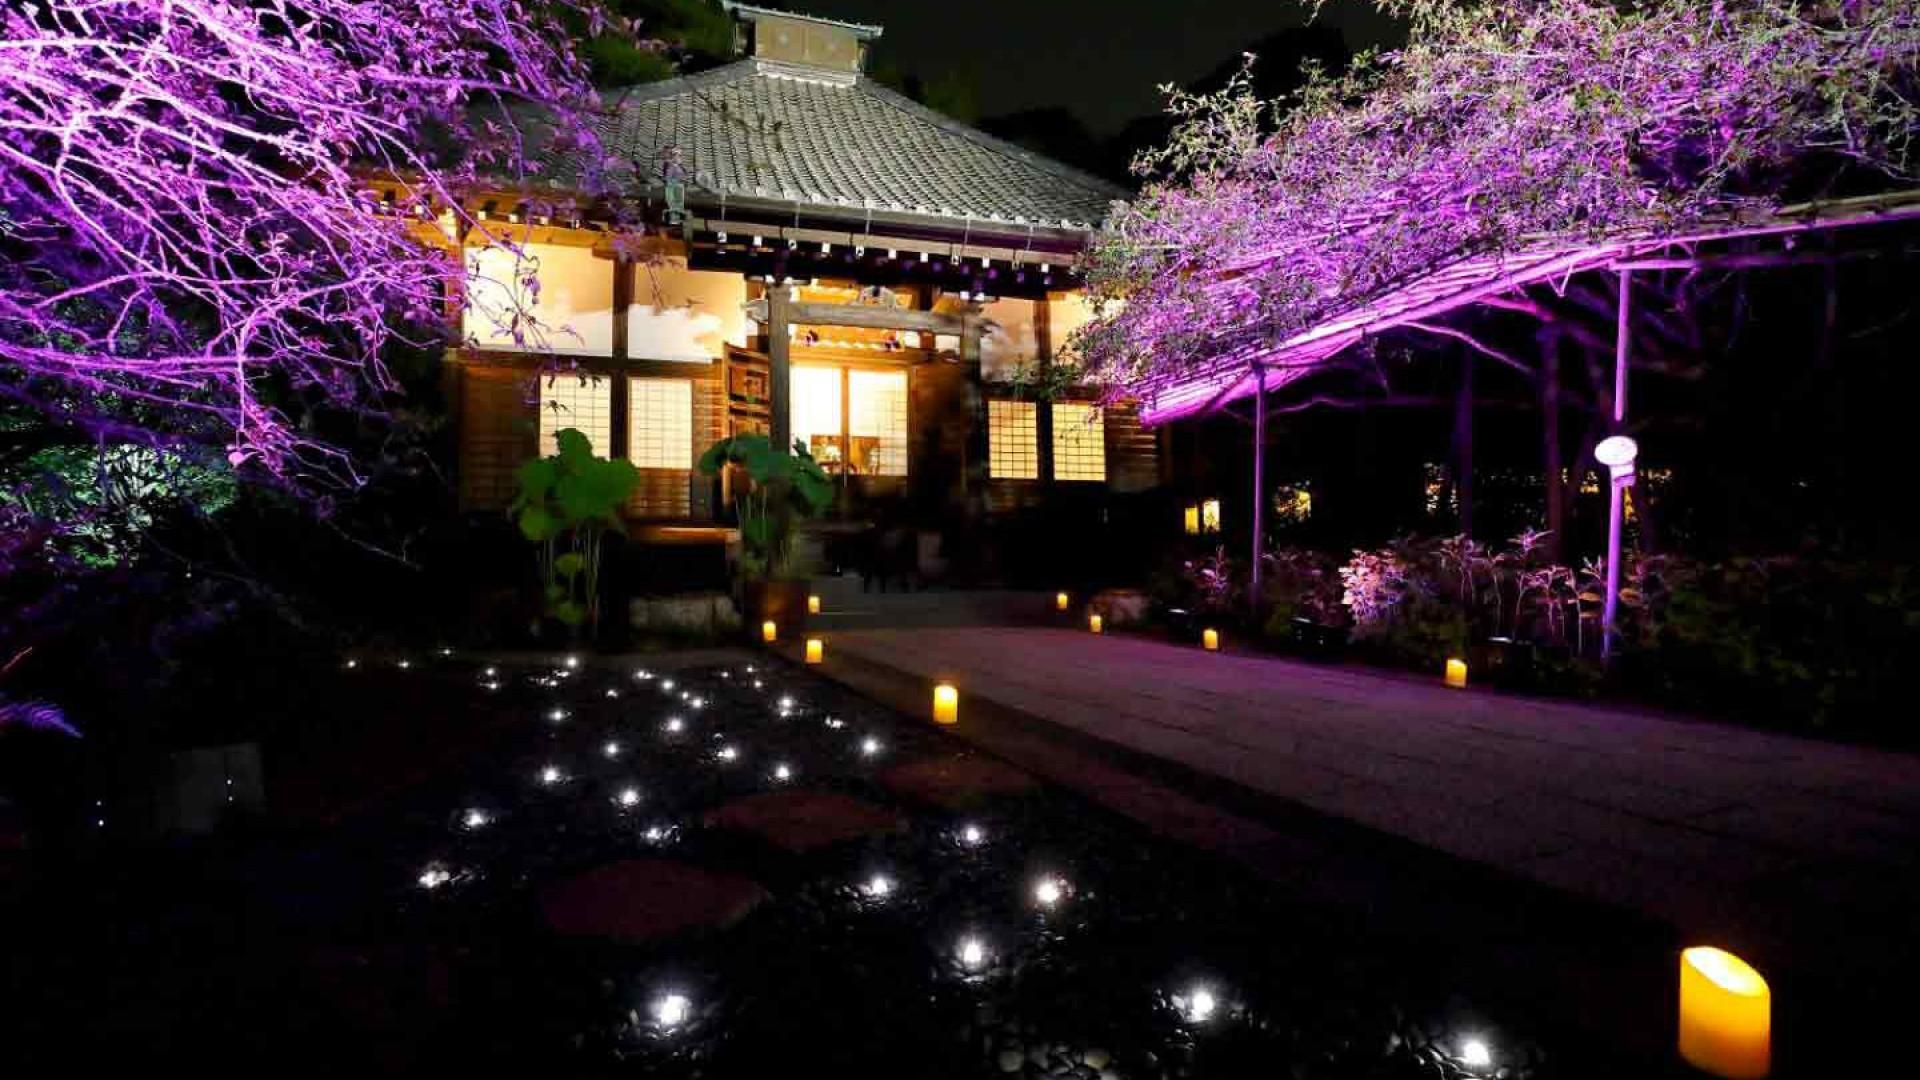 Kousokuji Temple